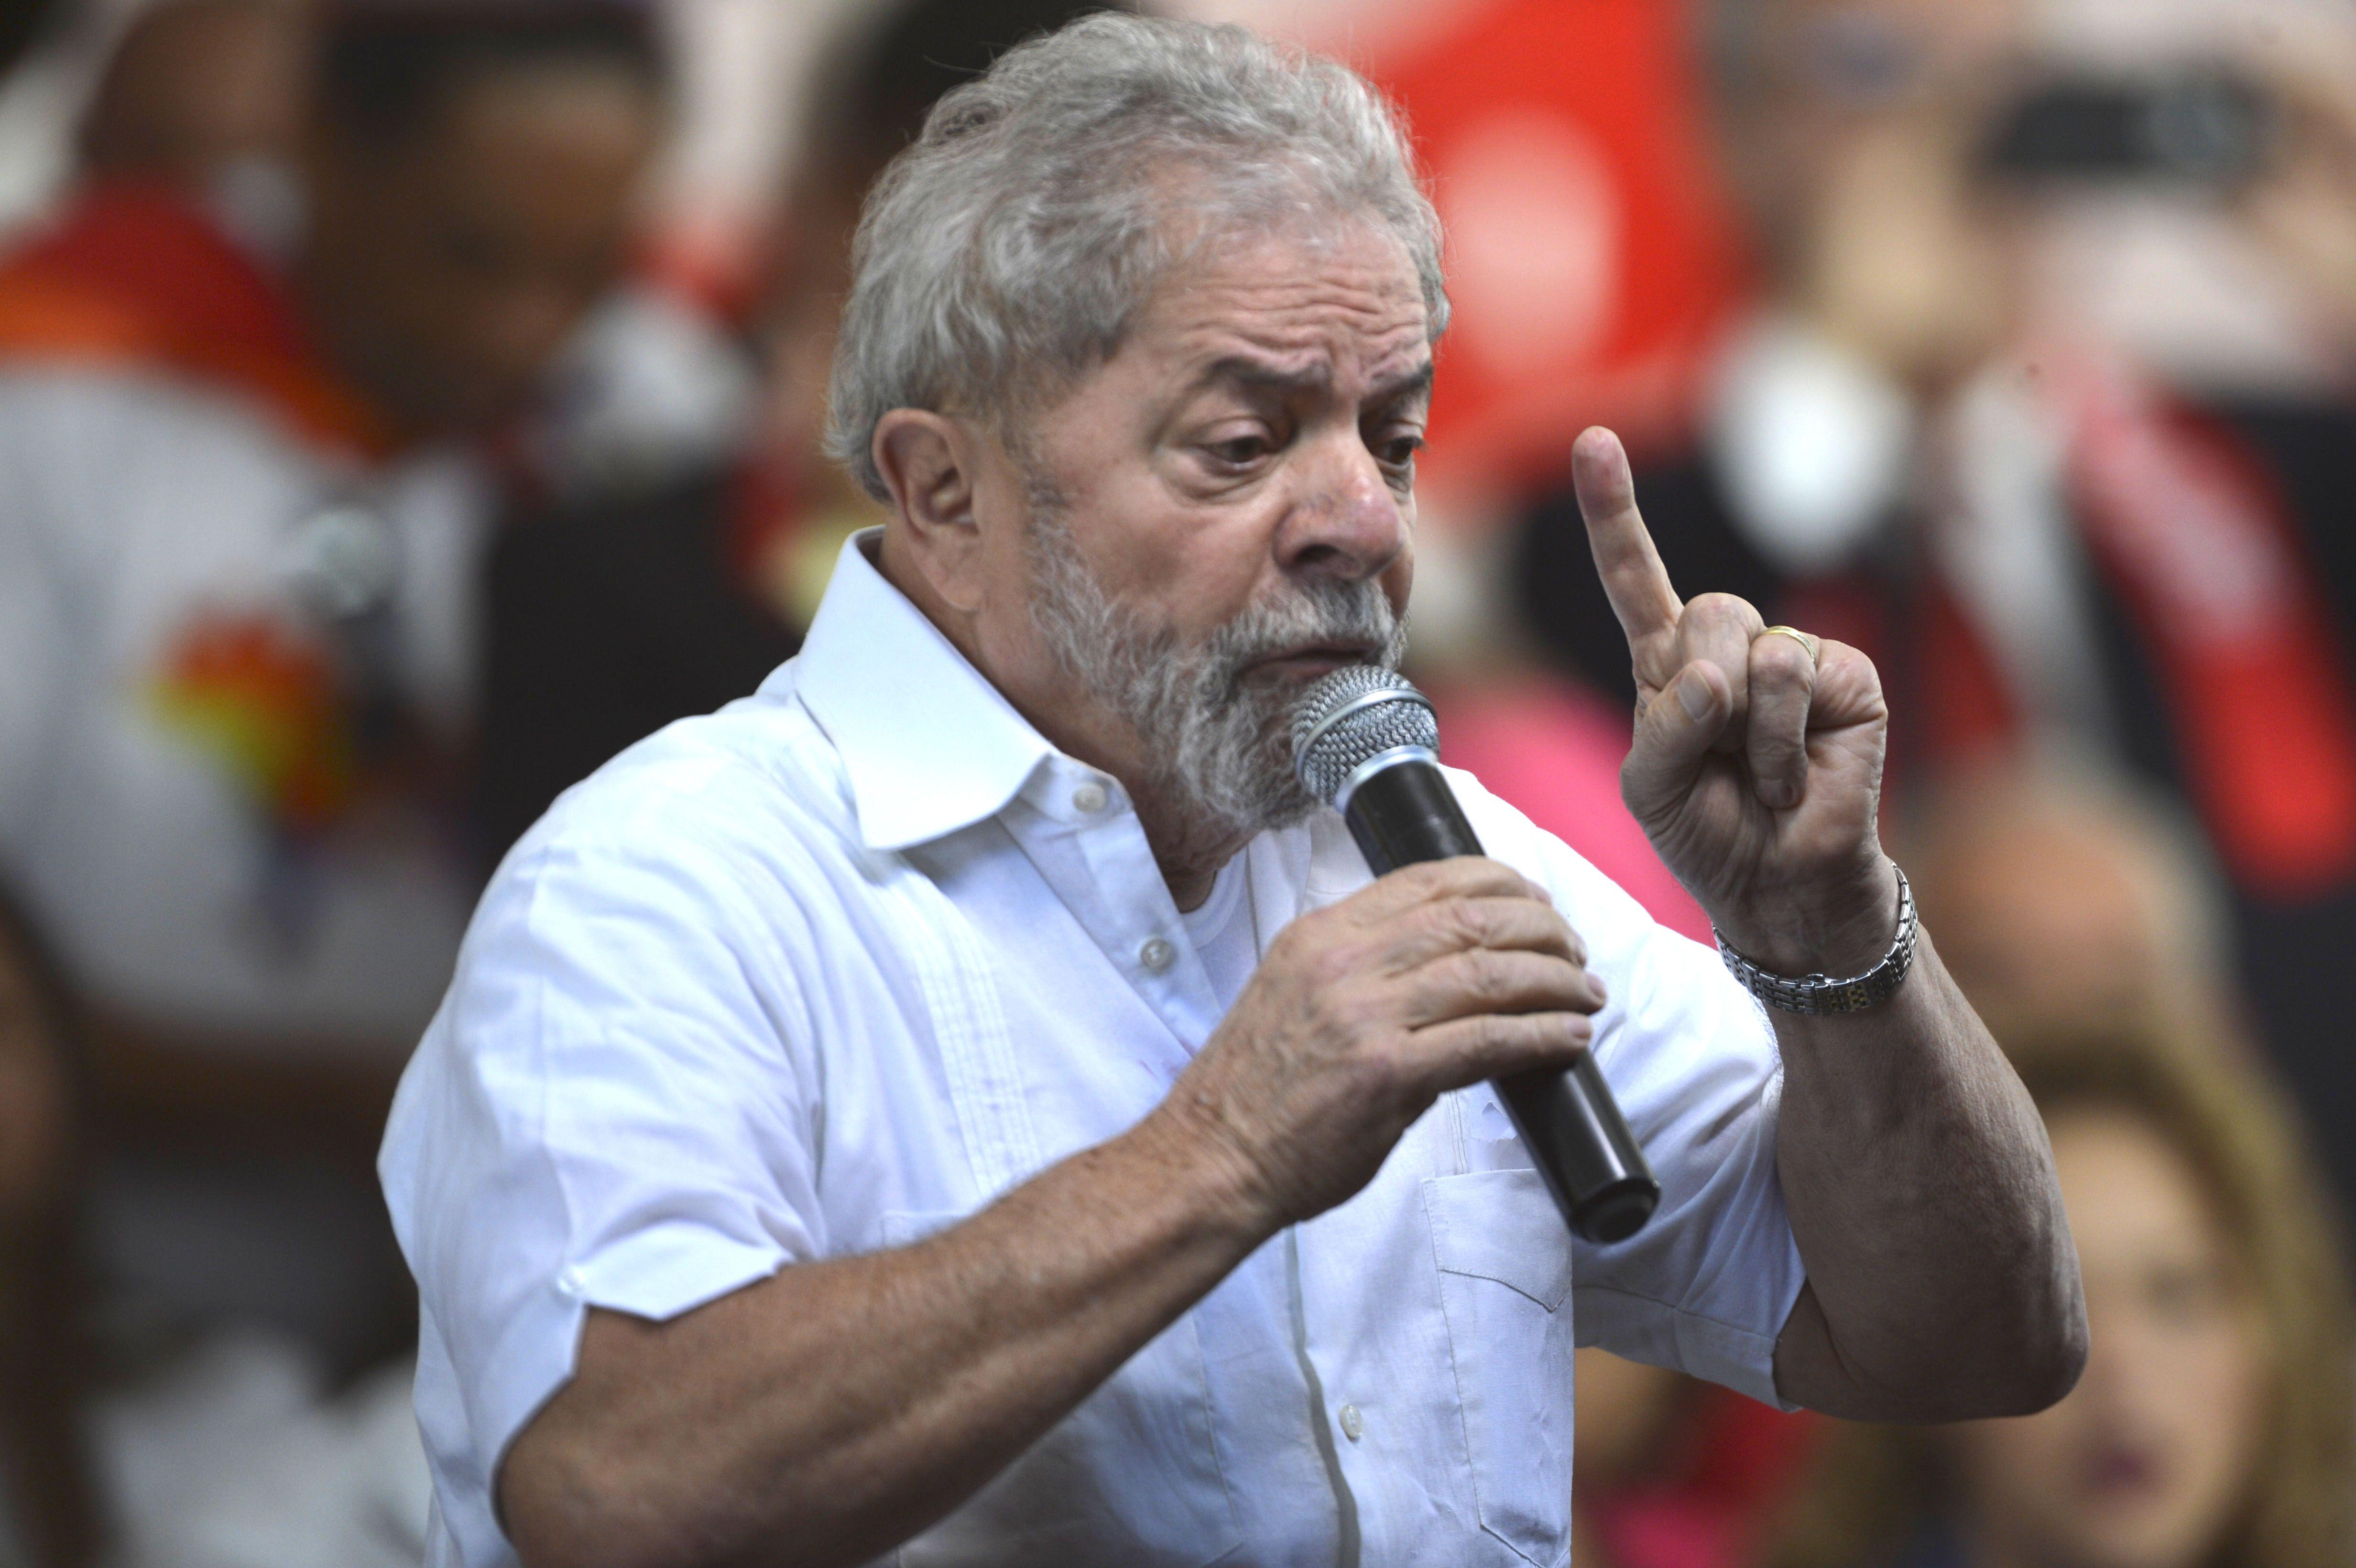 Lula discursa durante manifestação contrária ao impeachment de Dilma Rousseff: Bolsa Família encolheu e depois cresceu durante a gestão Temer